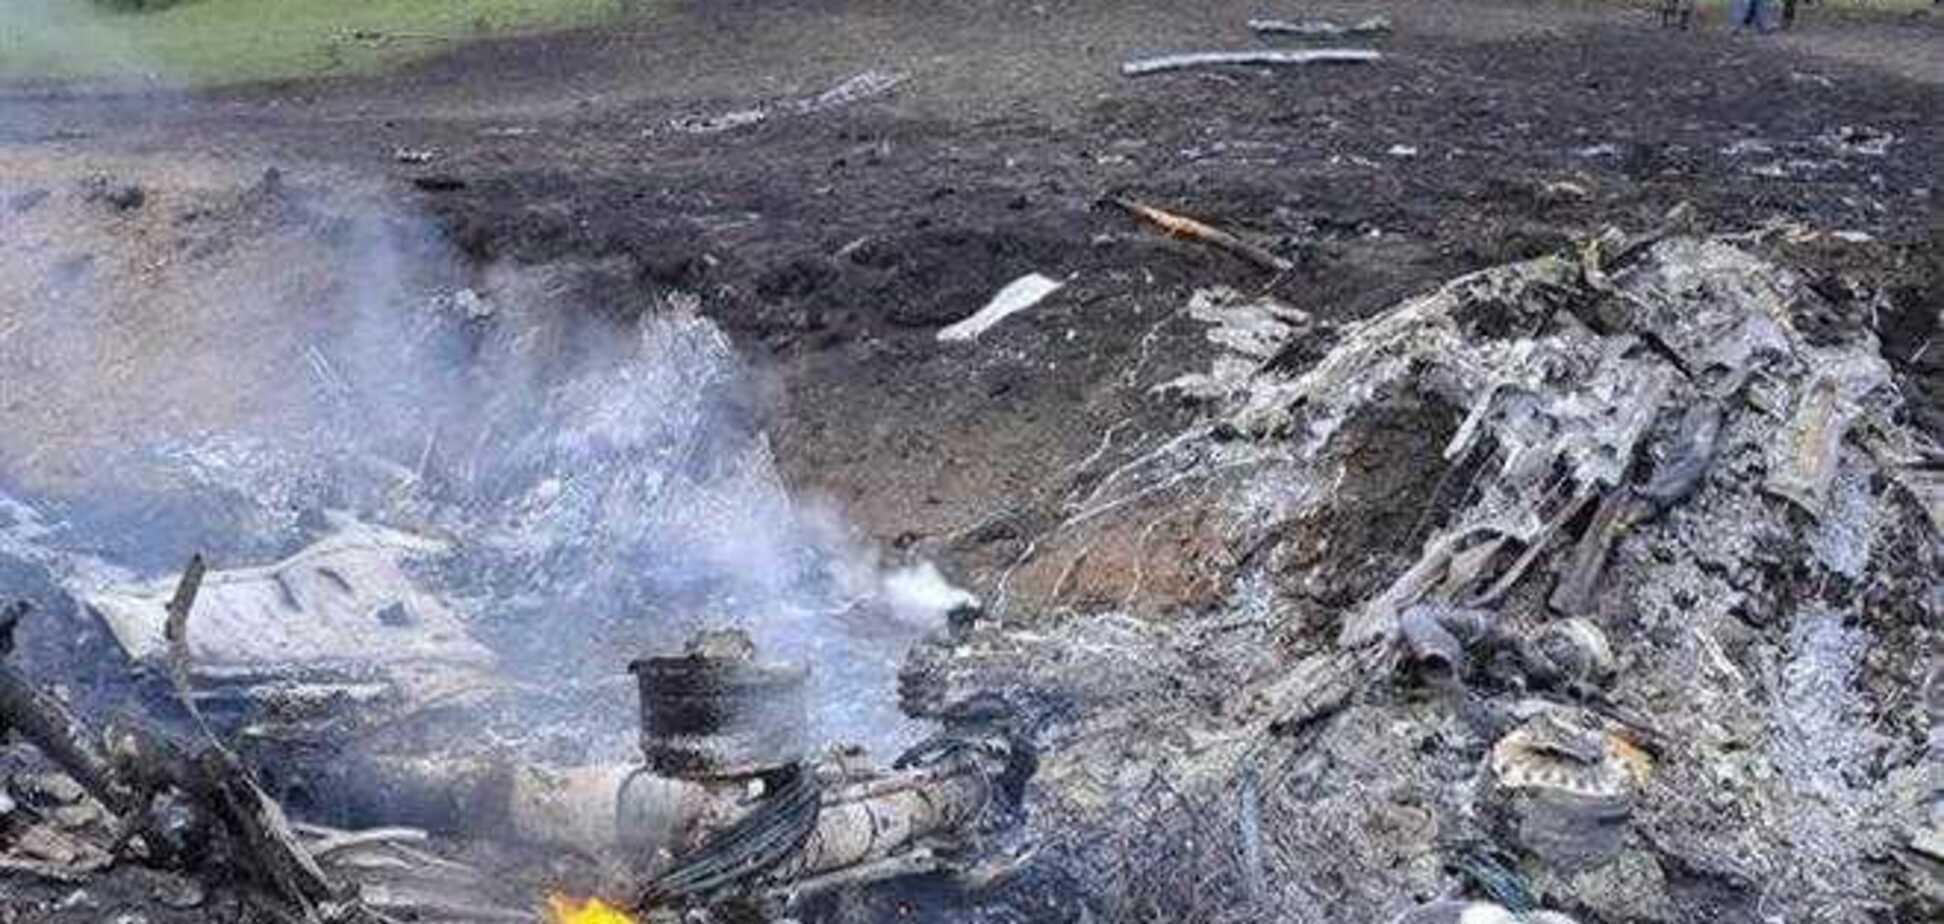 Системы упавшего в Казани Boeing были в порядке  - Минтранс РФ